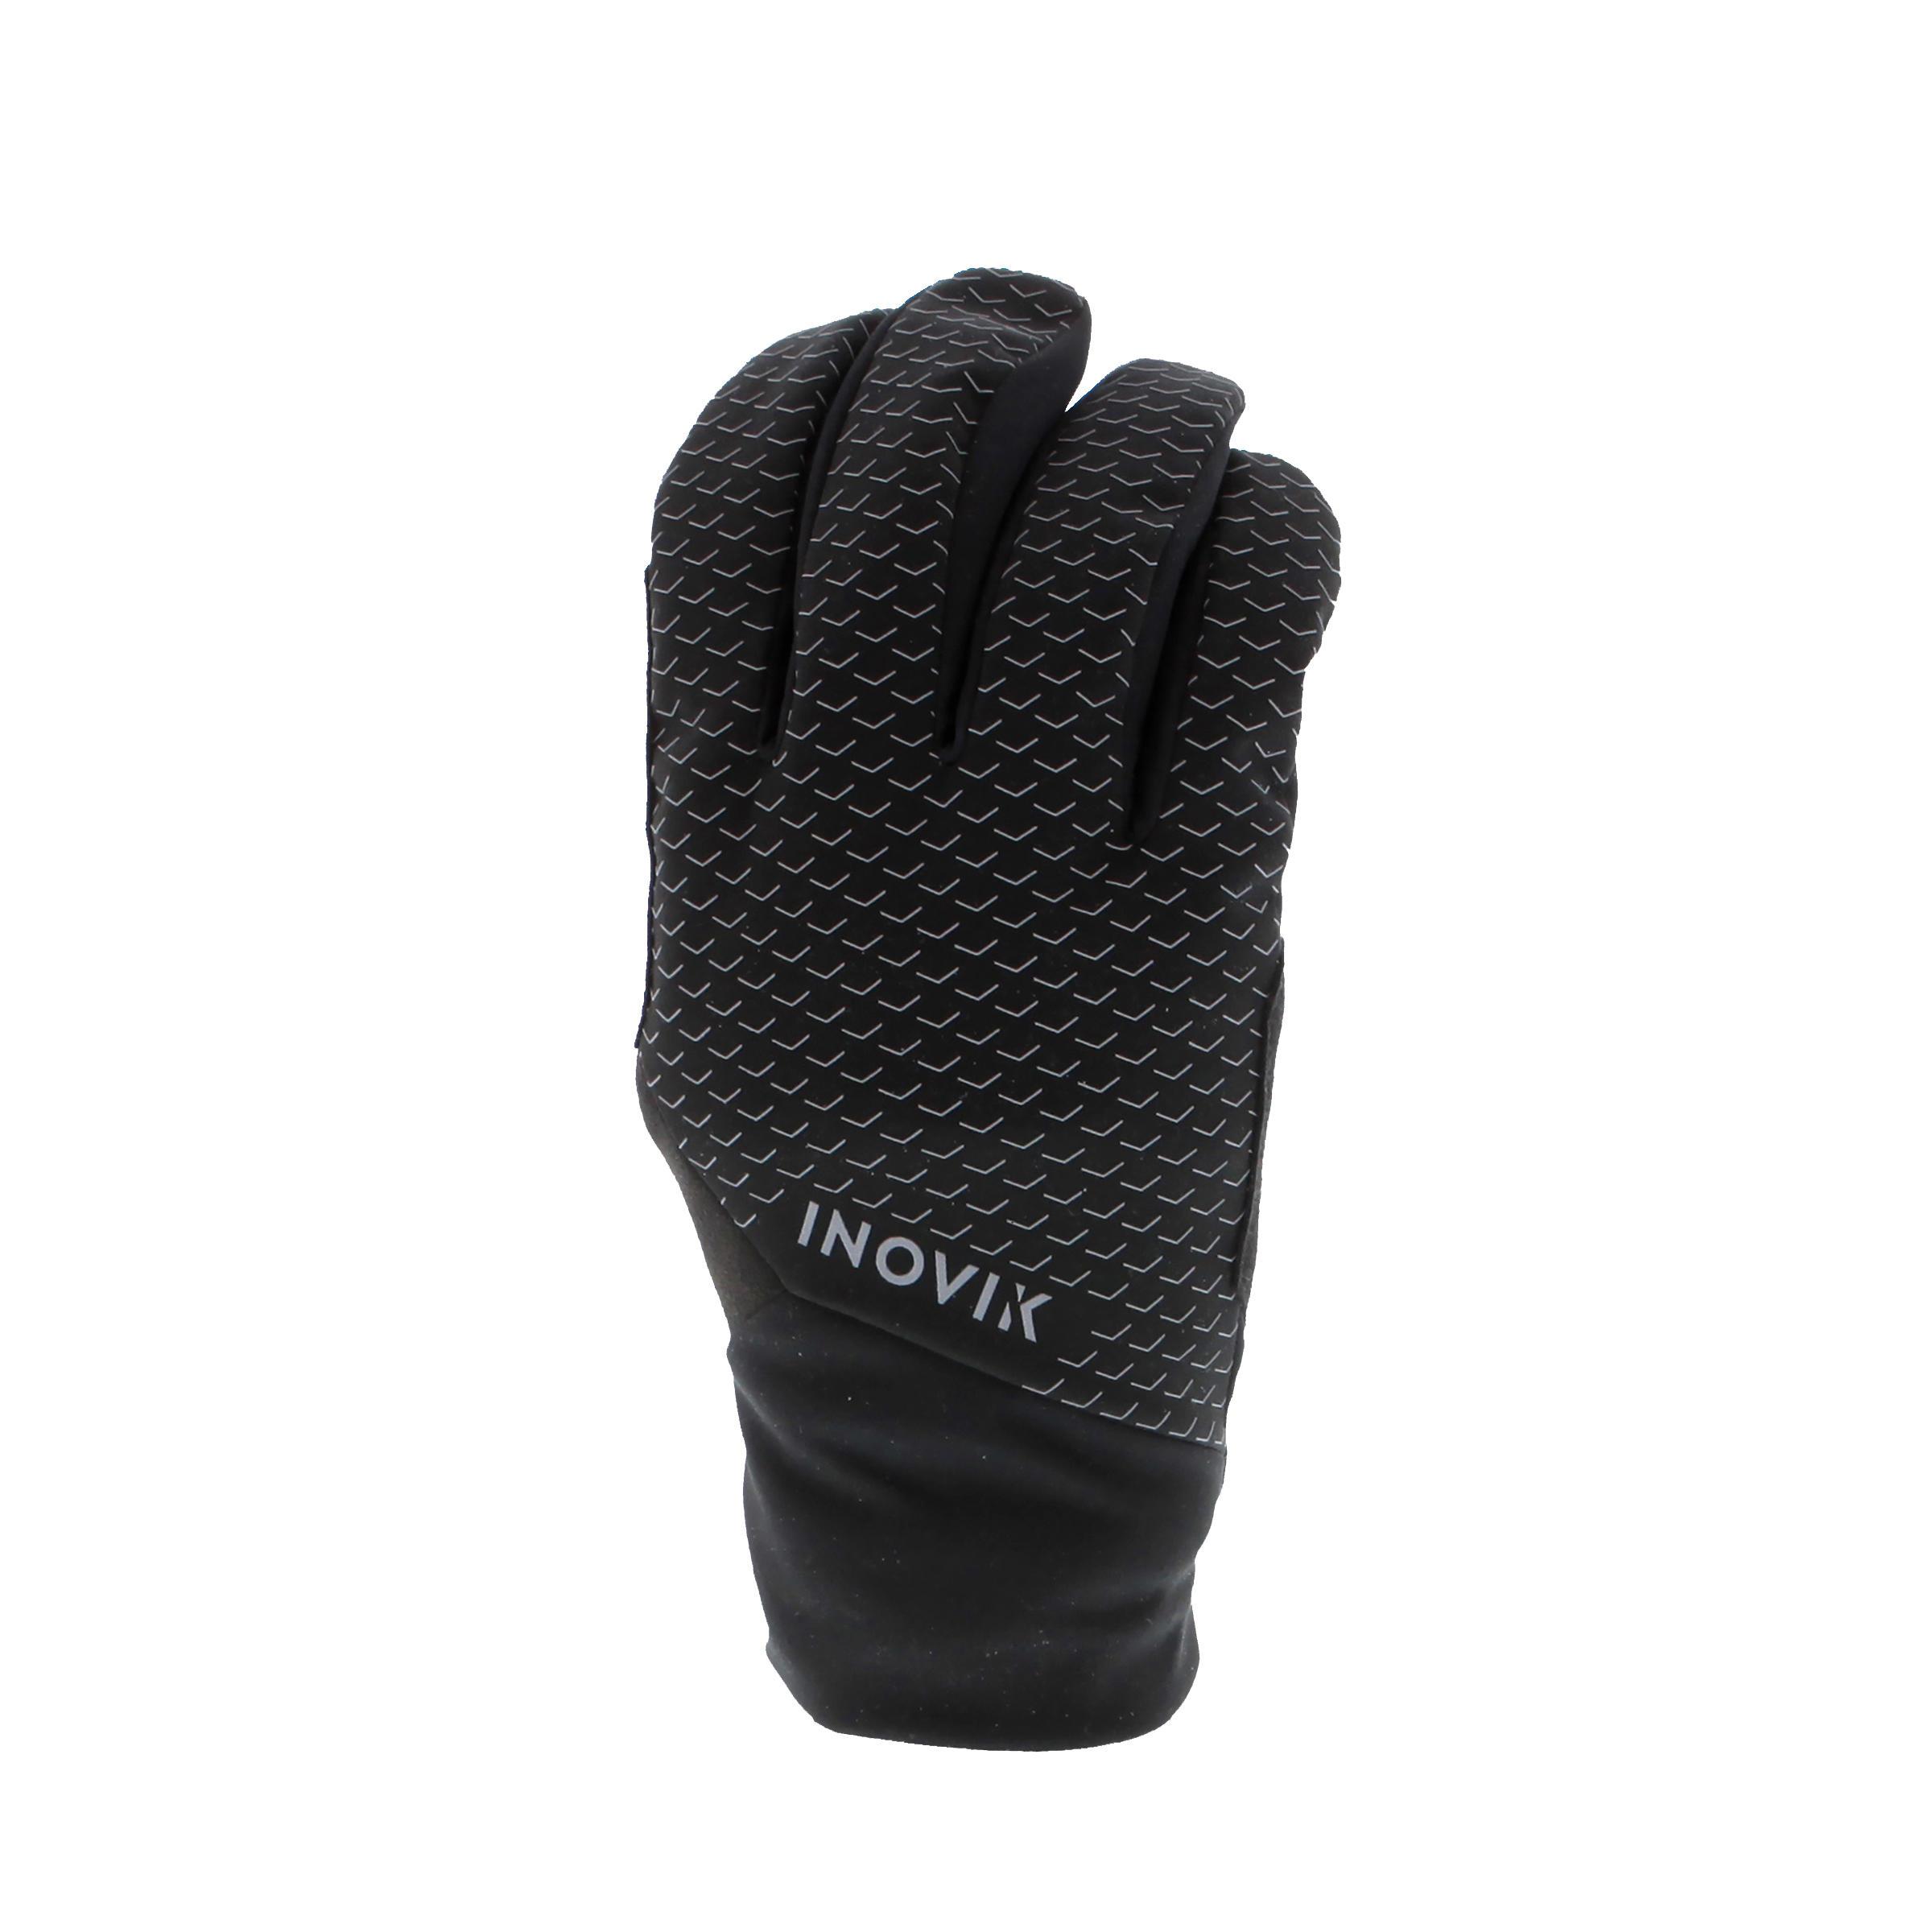 Langlaufhandschuhe warm XC S 100 Erwachsene schwarz   Accessoires > Handschuhe   Schwarz   Inovik